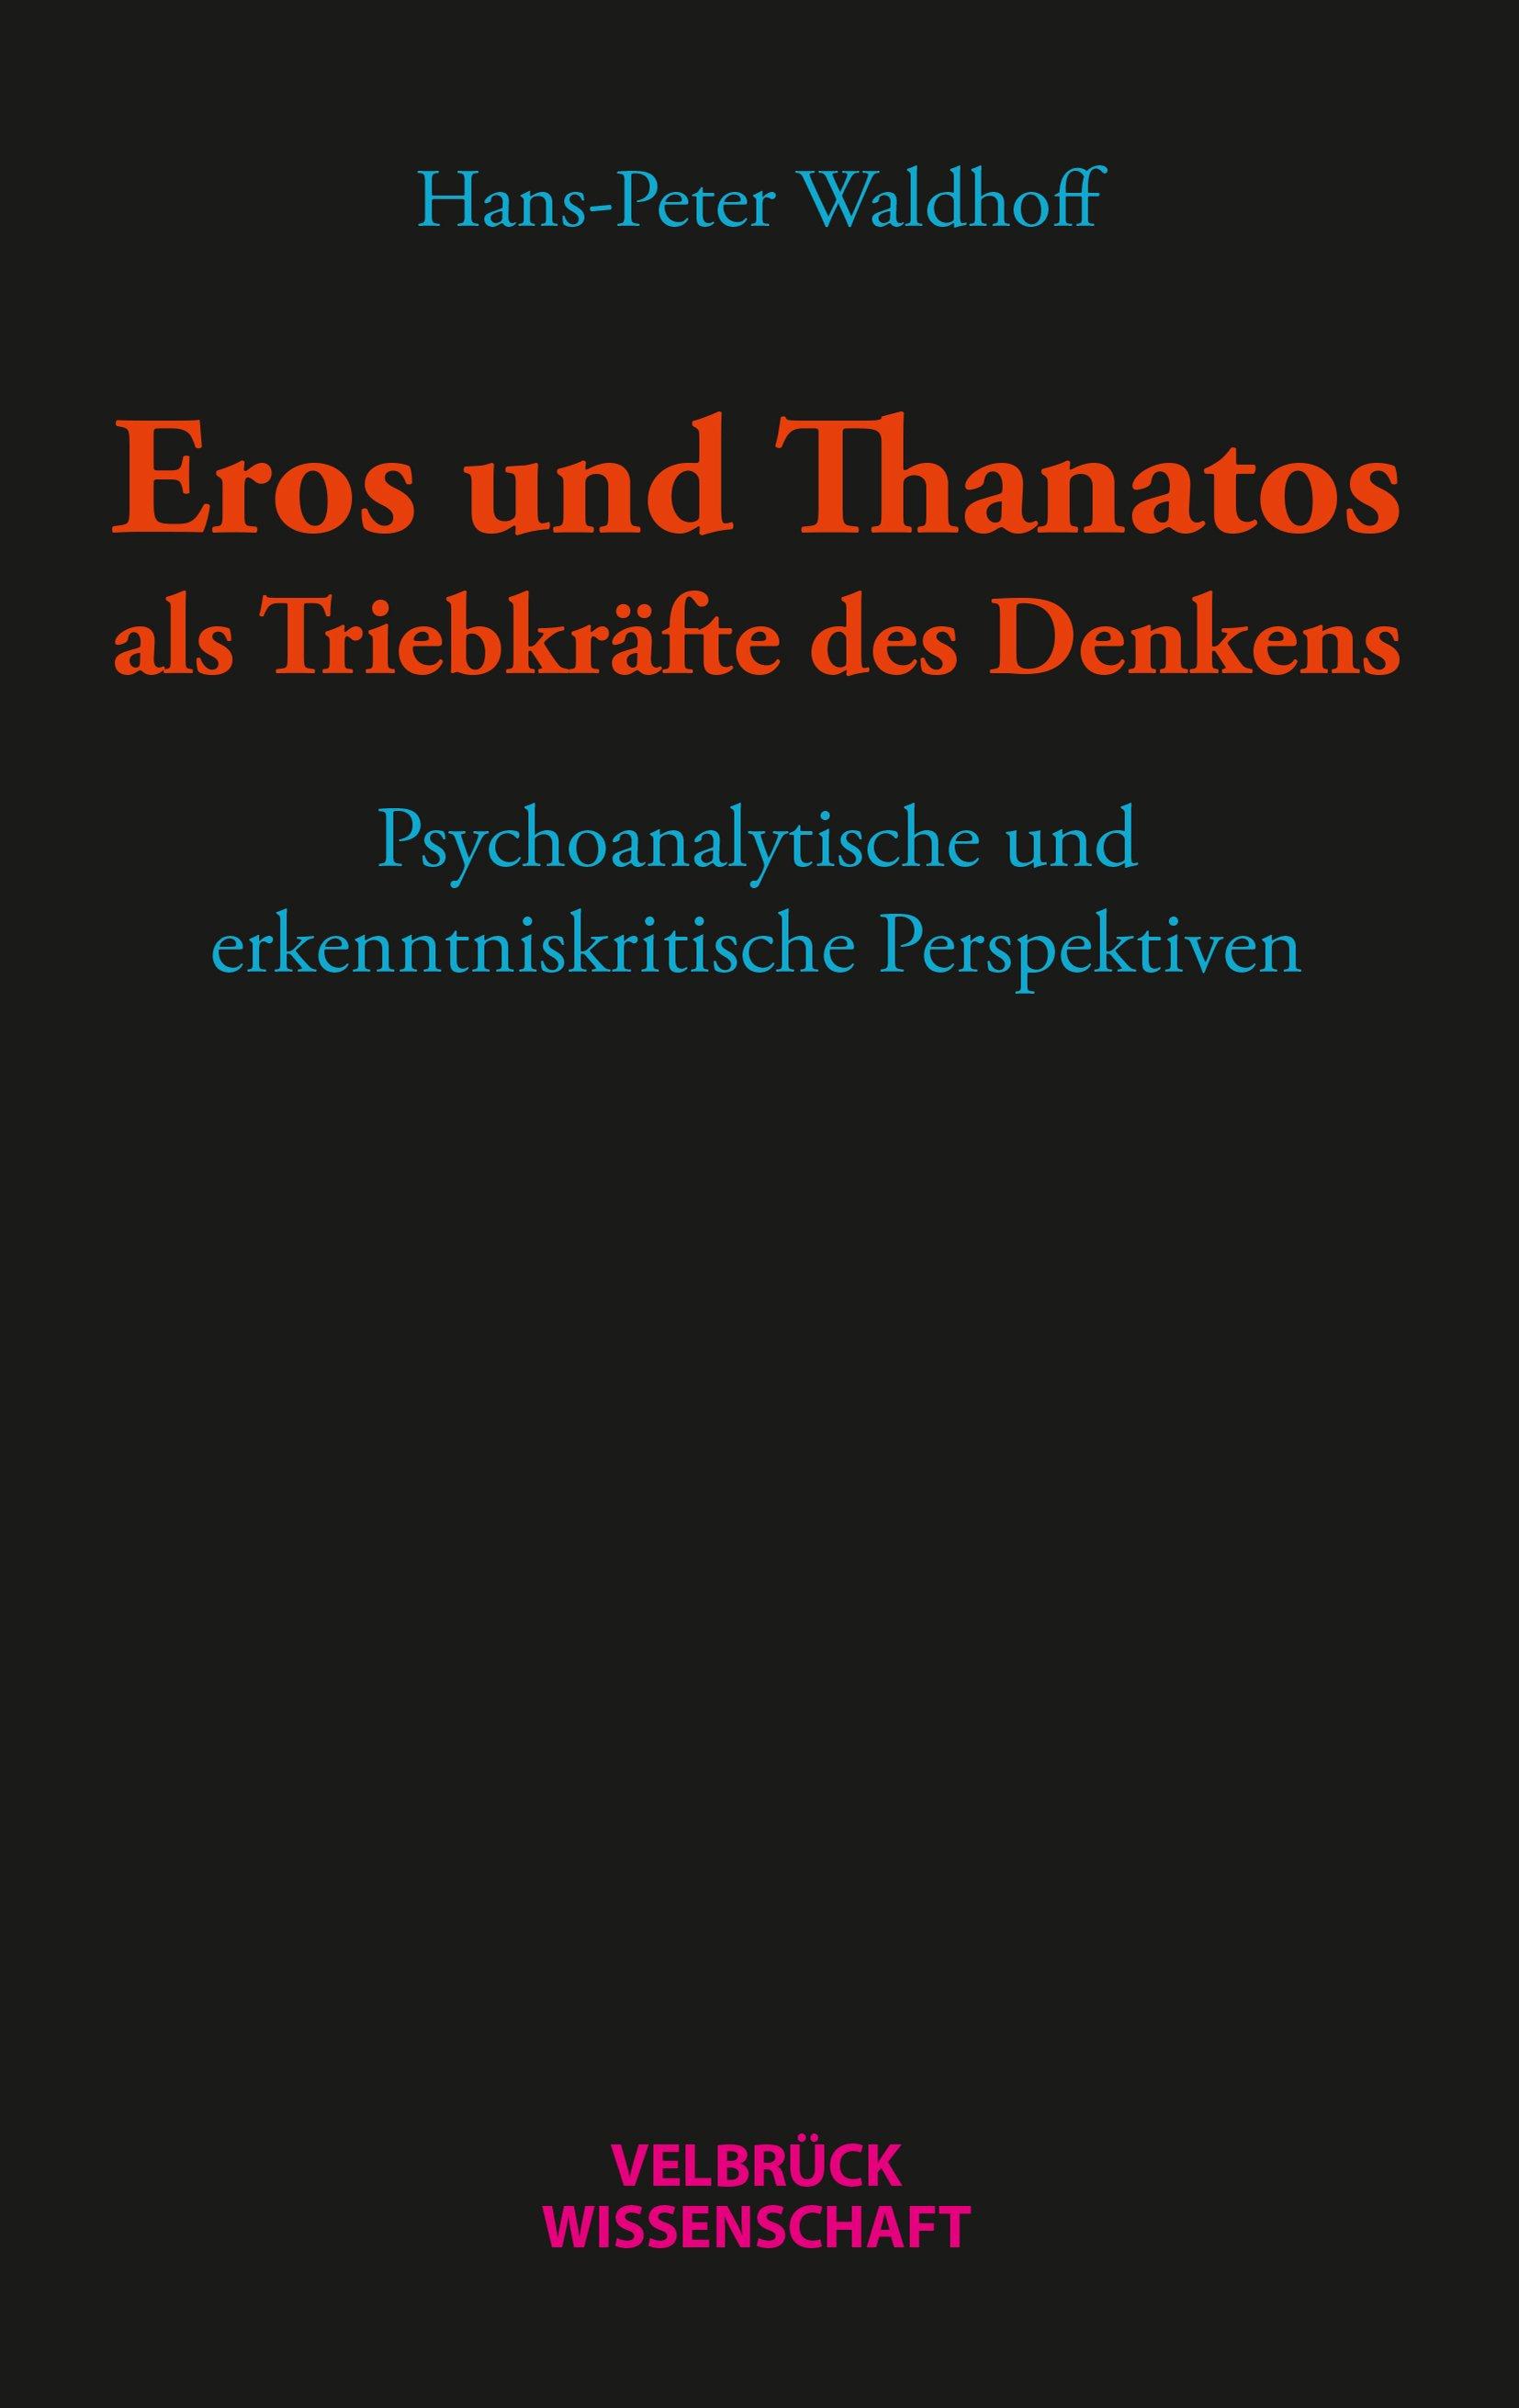 Eros und Thanatos als Triebkräfte des Denkens